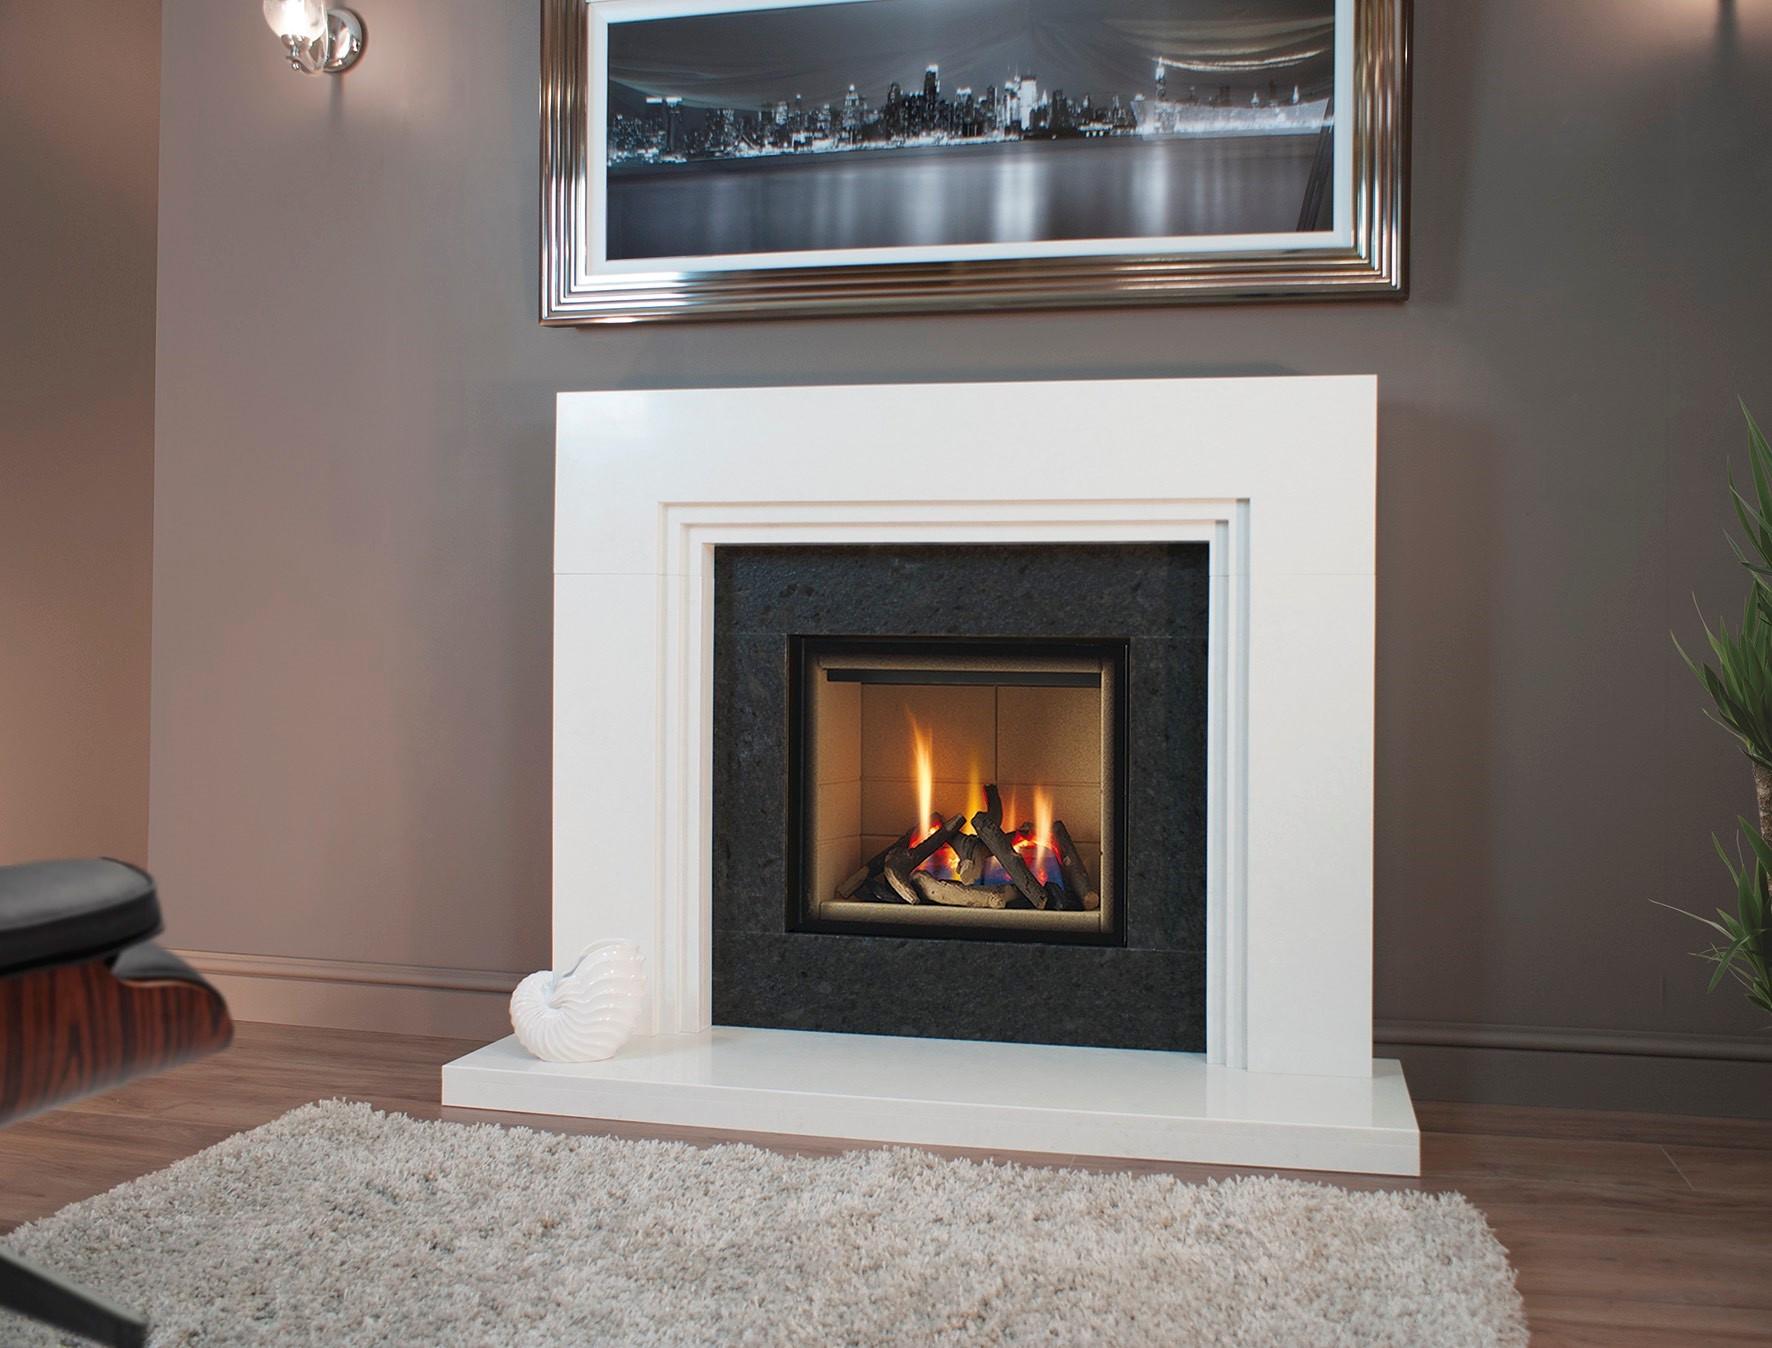 Natura Meridian fireplace